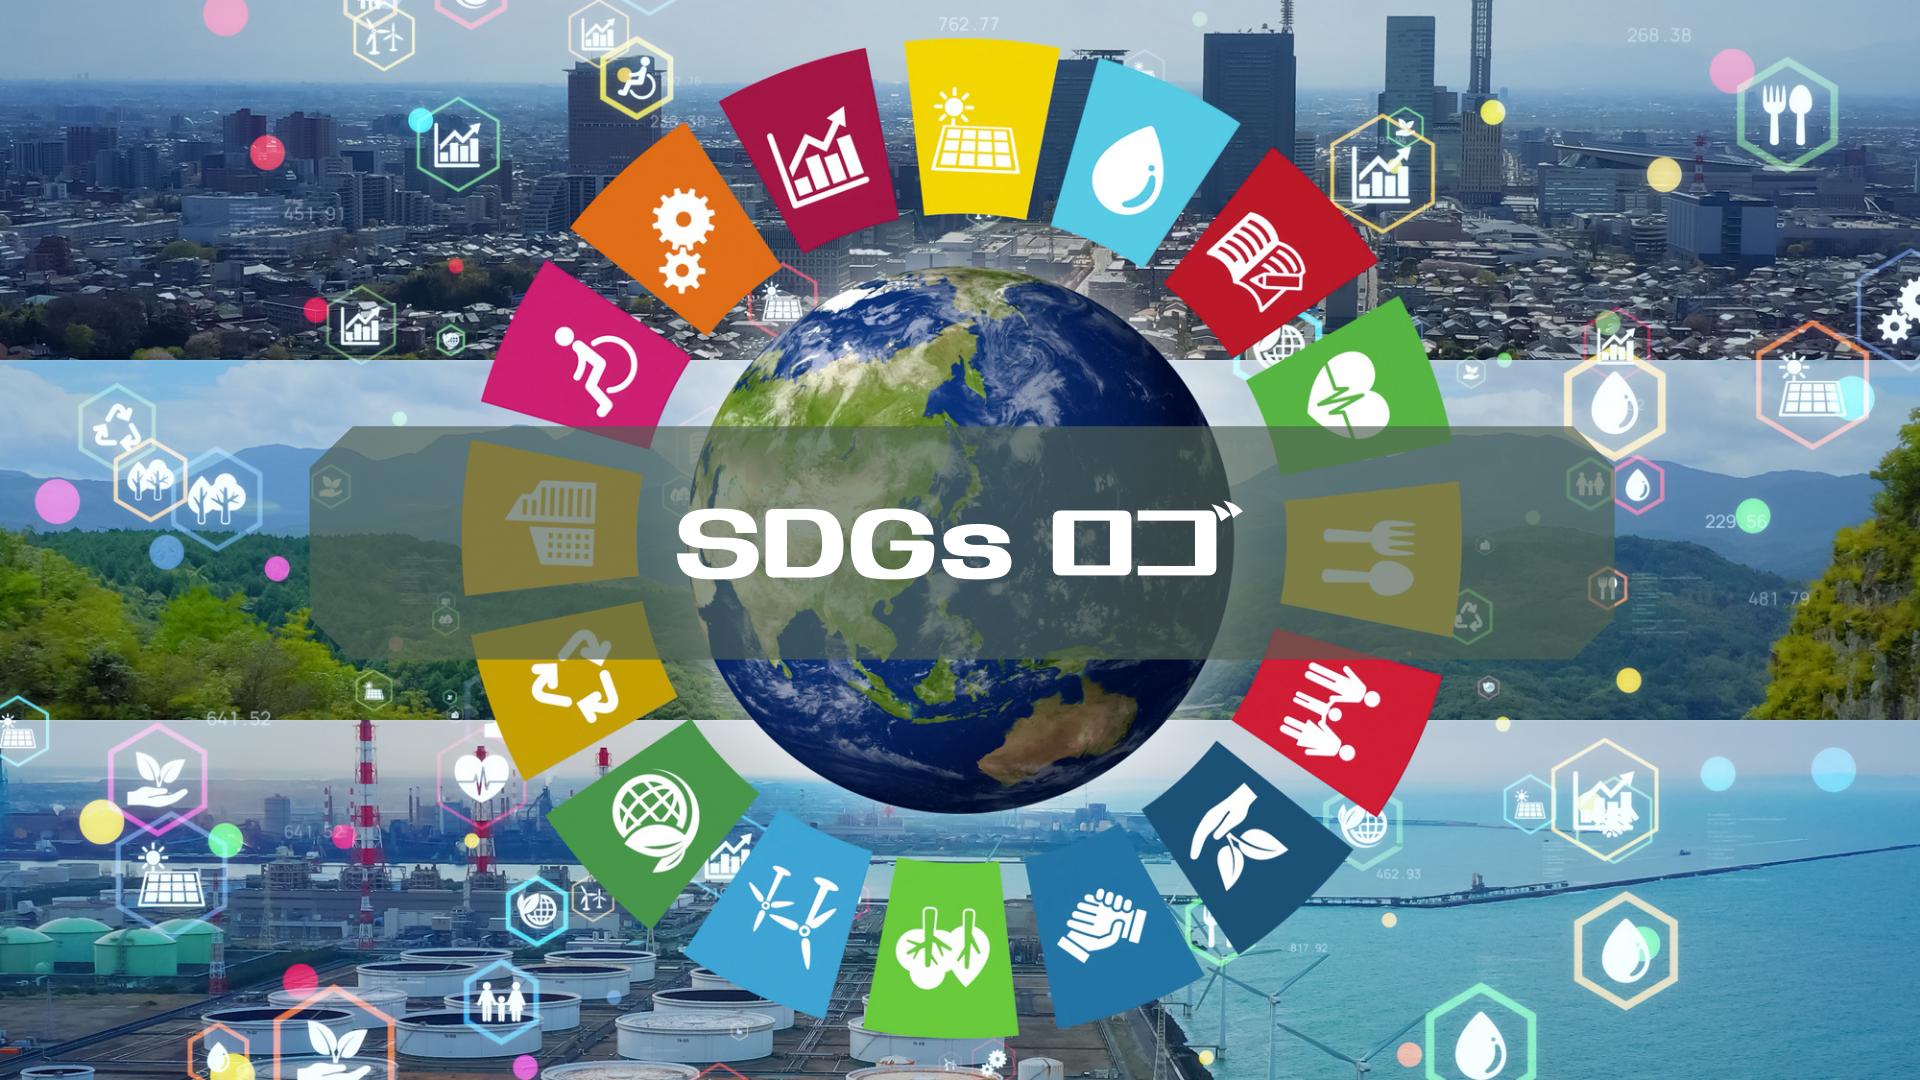 SDGsのロゴ使用のルールを理解しよう|オリジナルロゴの運用例も